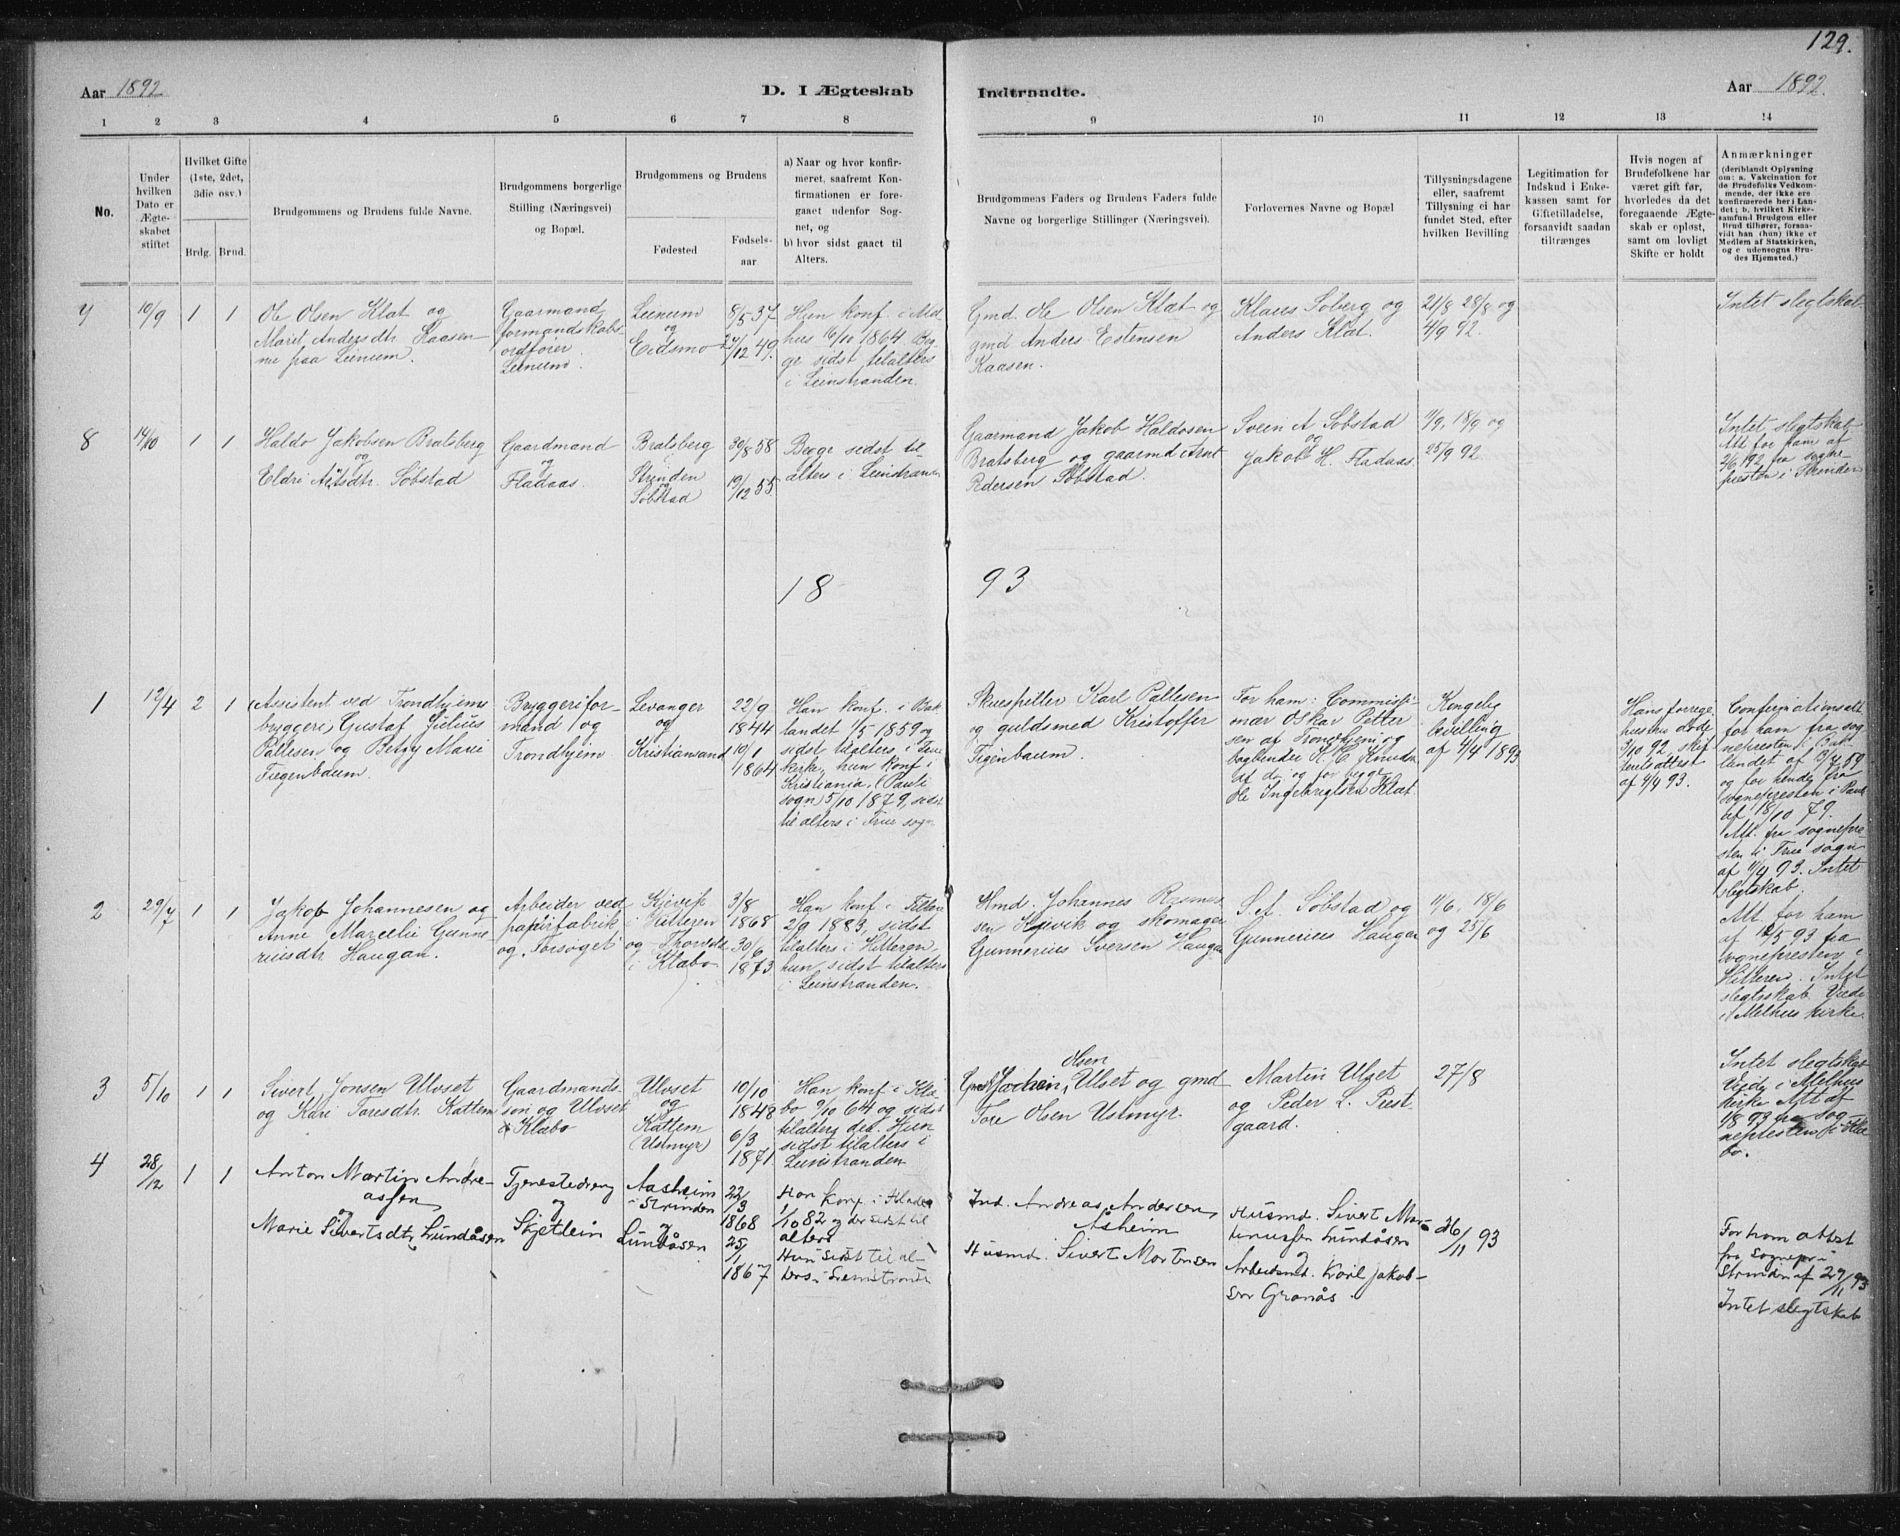 SAT, Ministerialprotokoller, klokkerbøker og fødselsregistre - Sør-Trøndelag, 613/L0392: Ministerialbok nr. 613A01, 1887-1906, s. 129